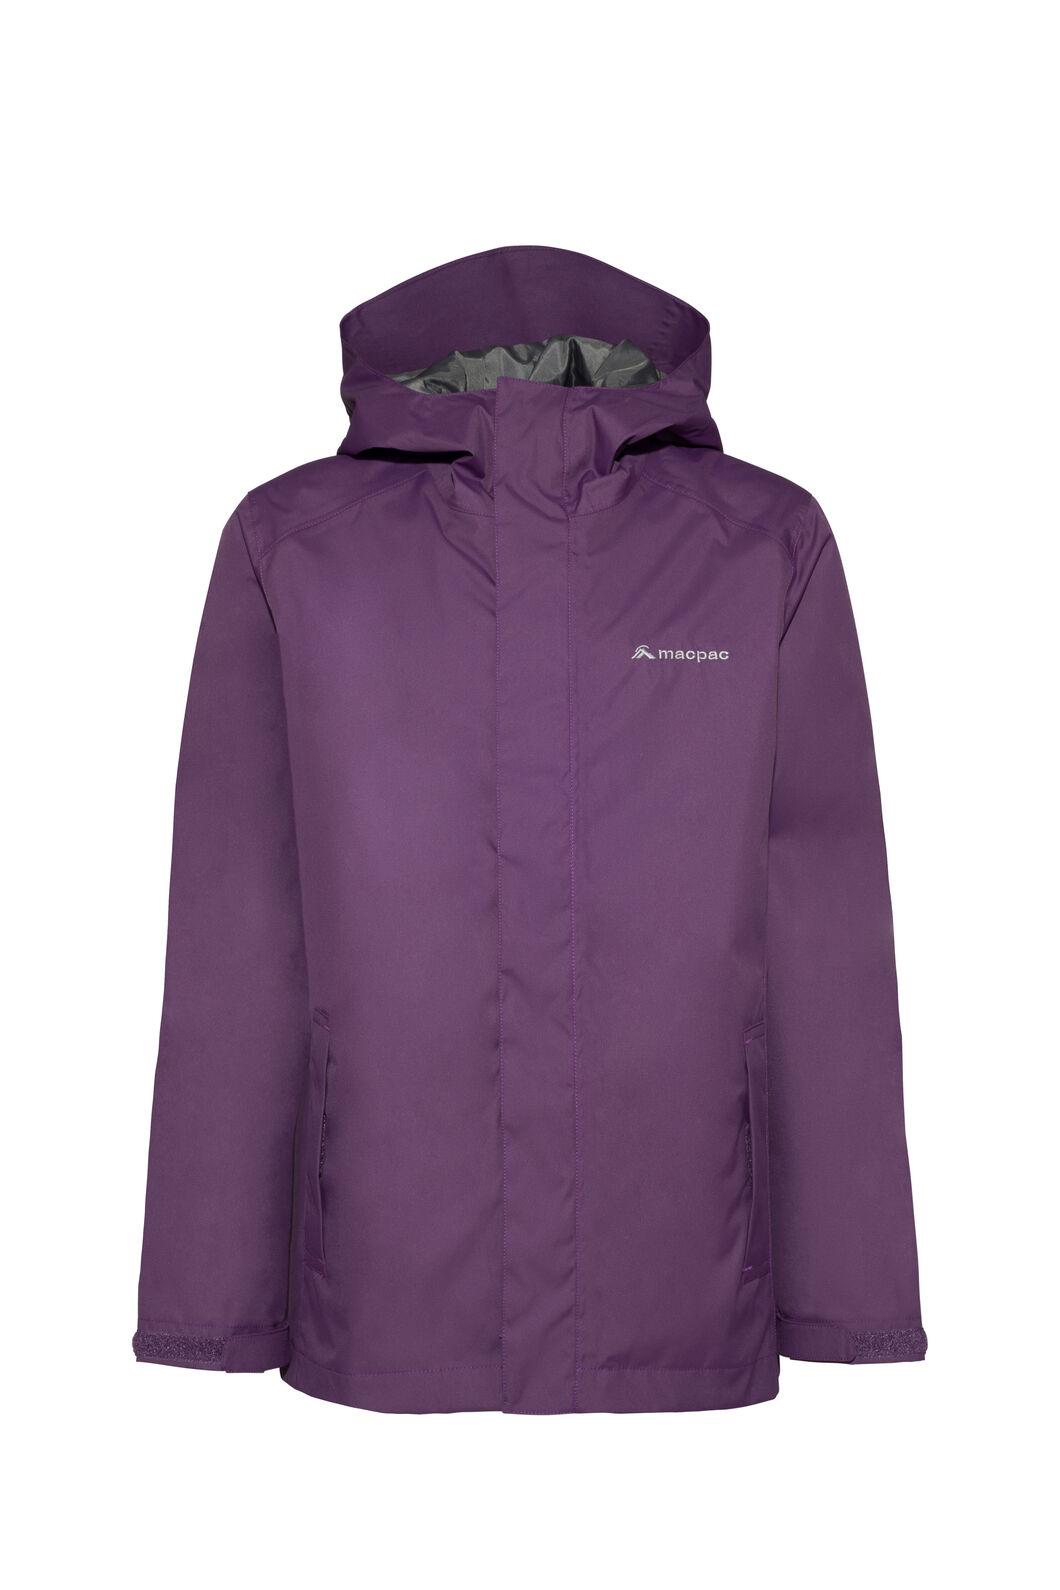 Macpac Jetstream Rain Jacket — Kids', Wineberry, hi-res